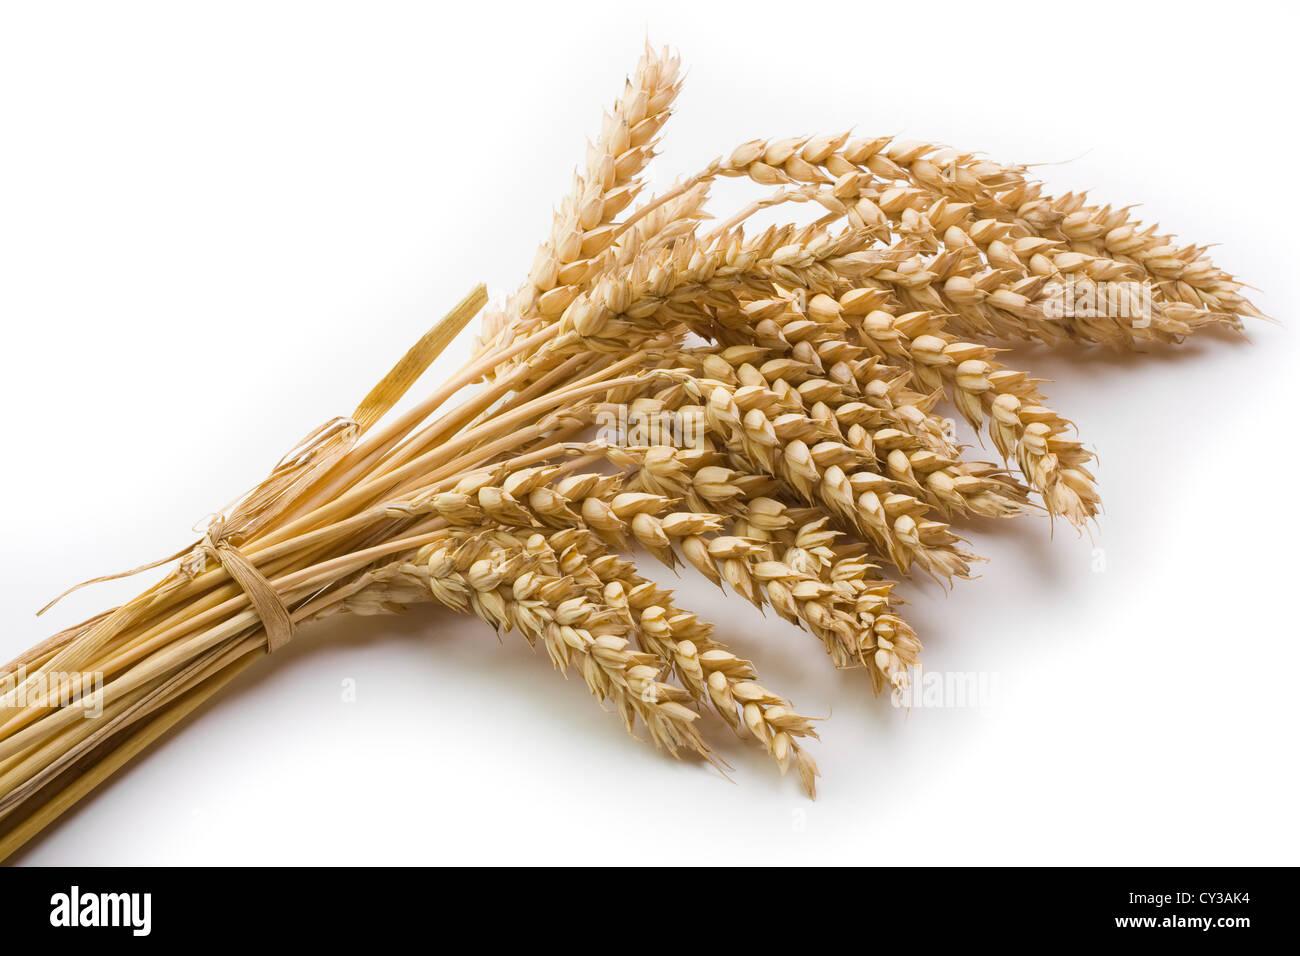 Cereales y trigo spike sobre fondo brillante Imagen De Stock